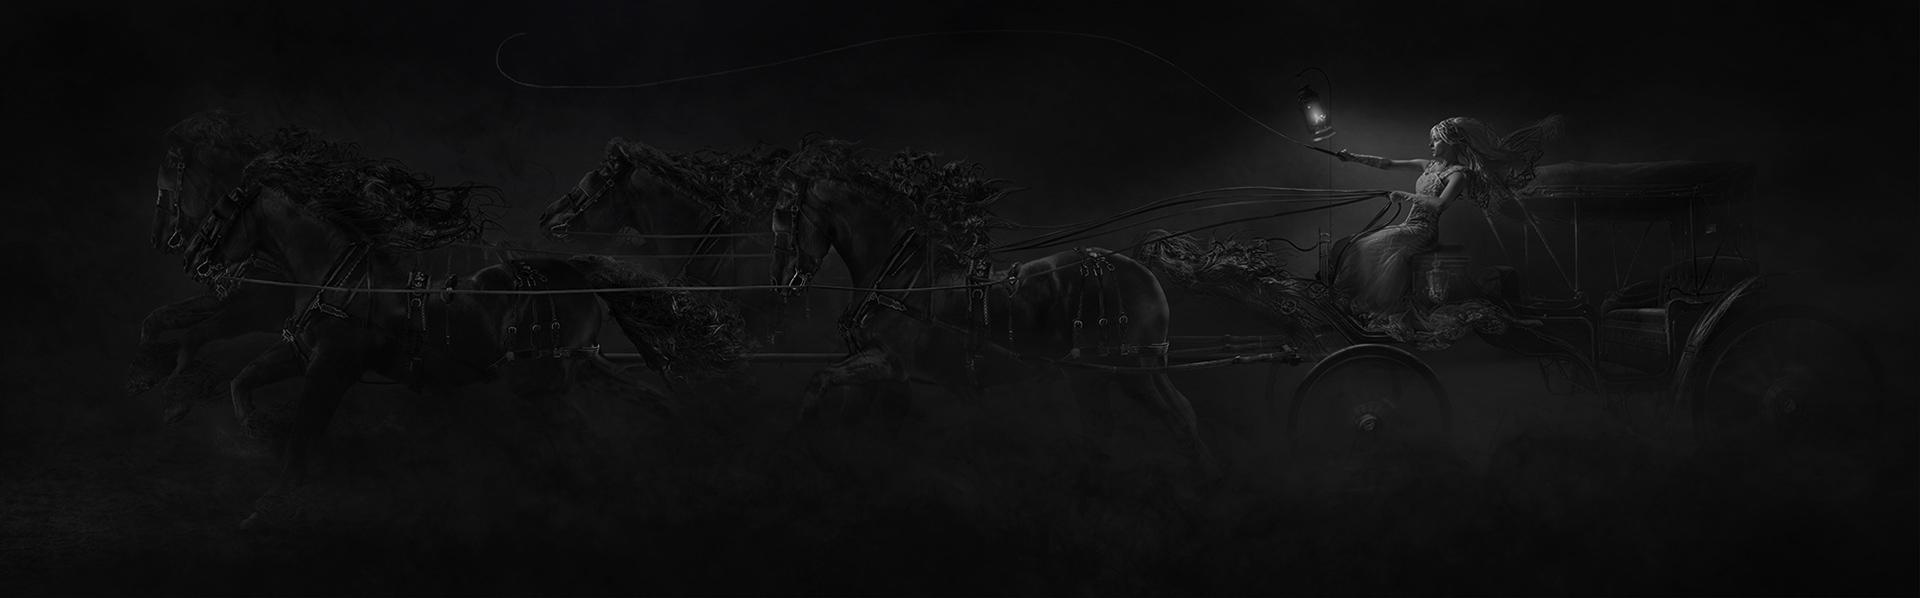 Бен Ширк / Ben Shirk, Первое место в категории «Невеста в одиночестве: День вне свадьбы», Фотоконкурс WPPI Annual Print Competition